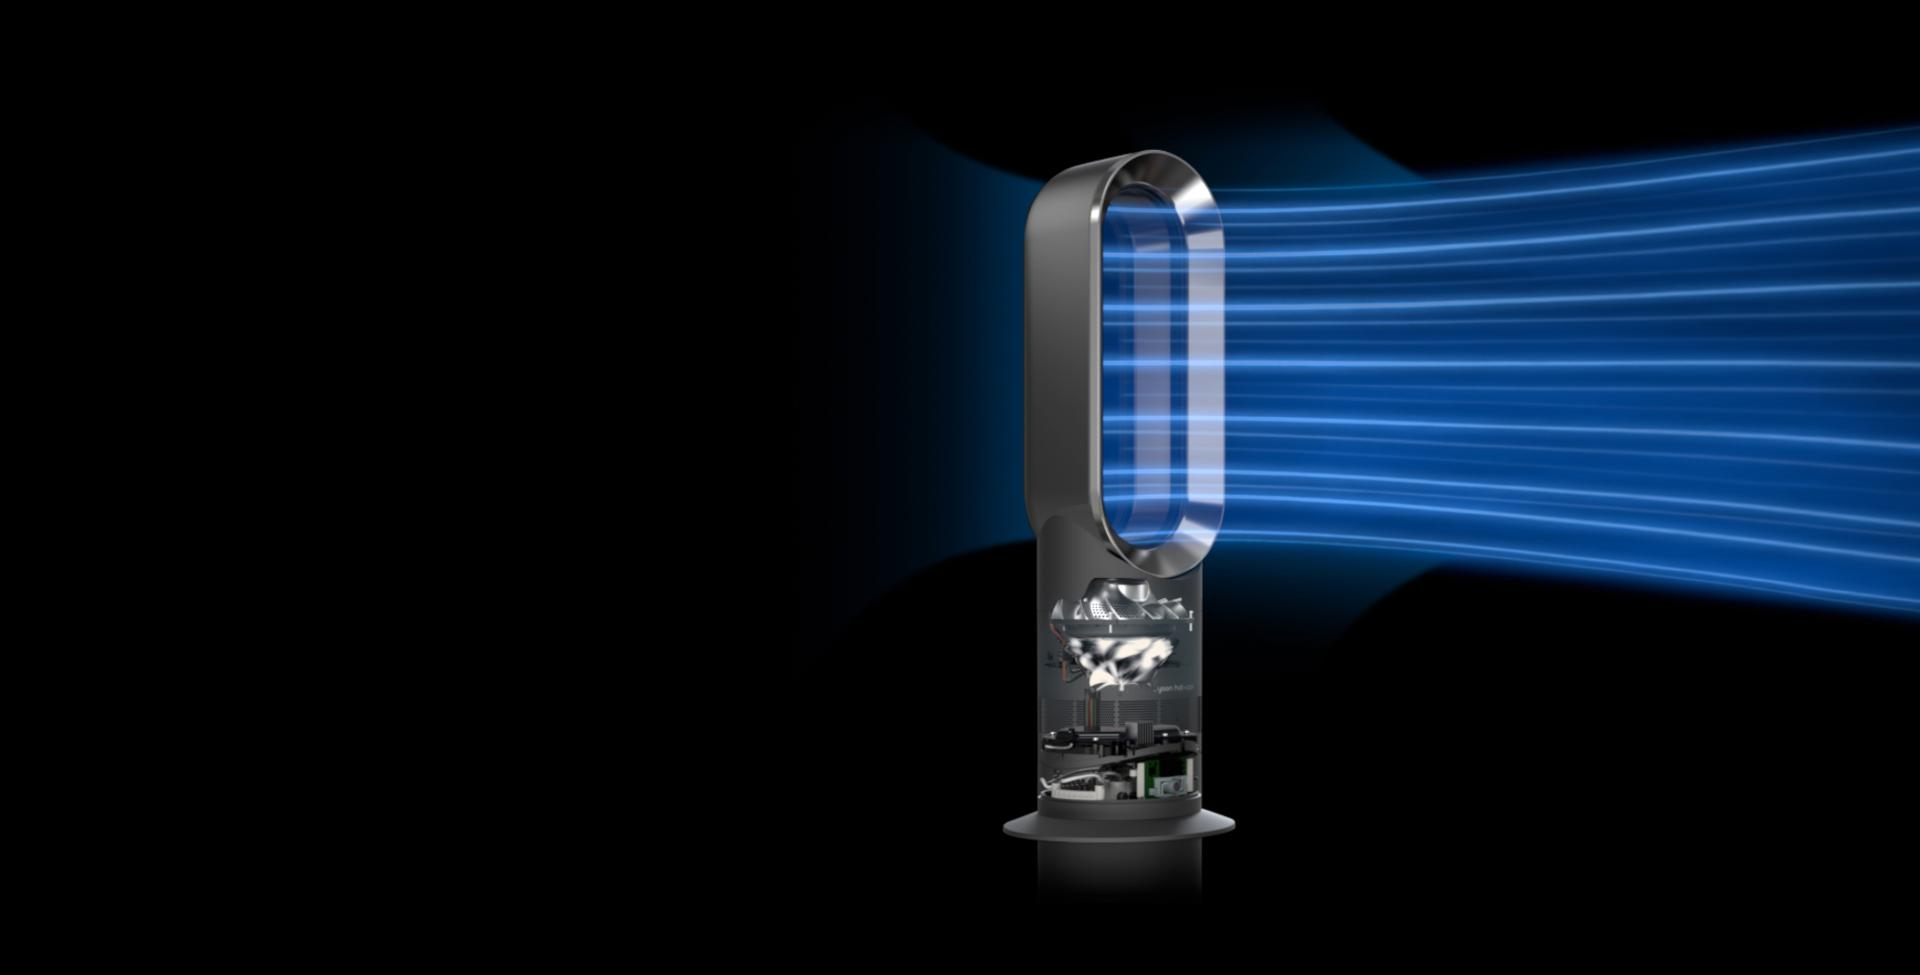 Dyson fan heater airflow schematic